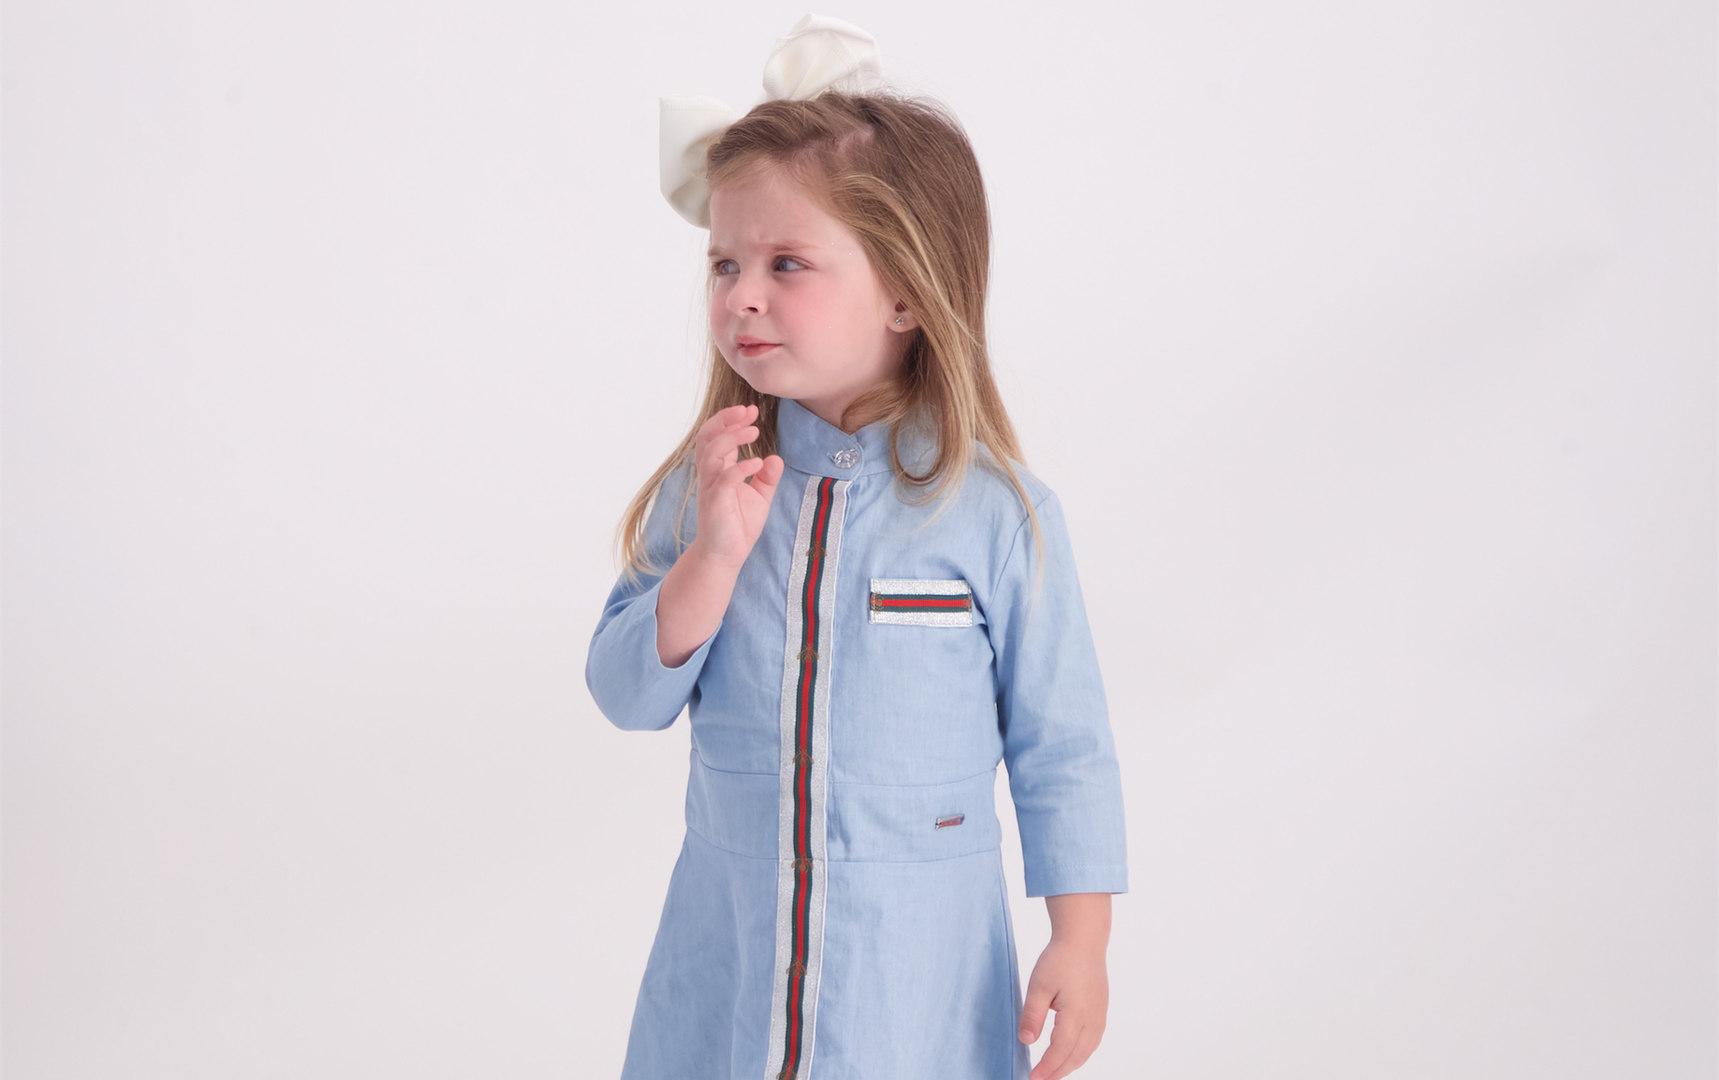 שמלה גינס malaya | מאליה אופנת ילדים